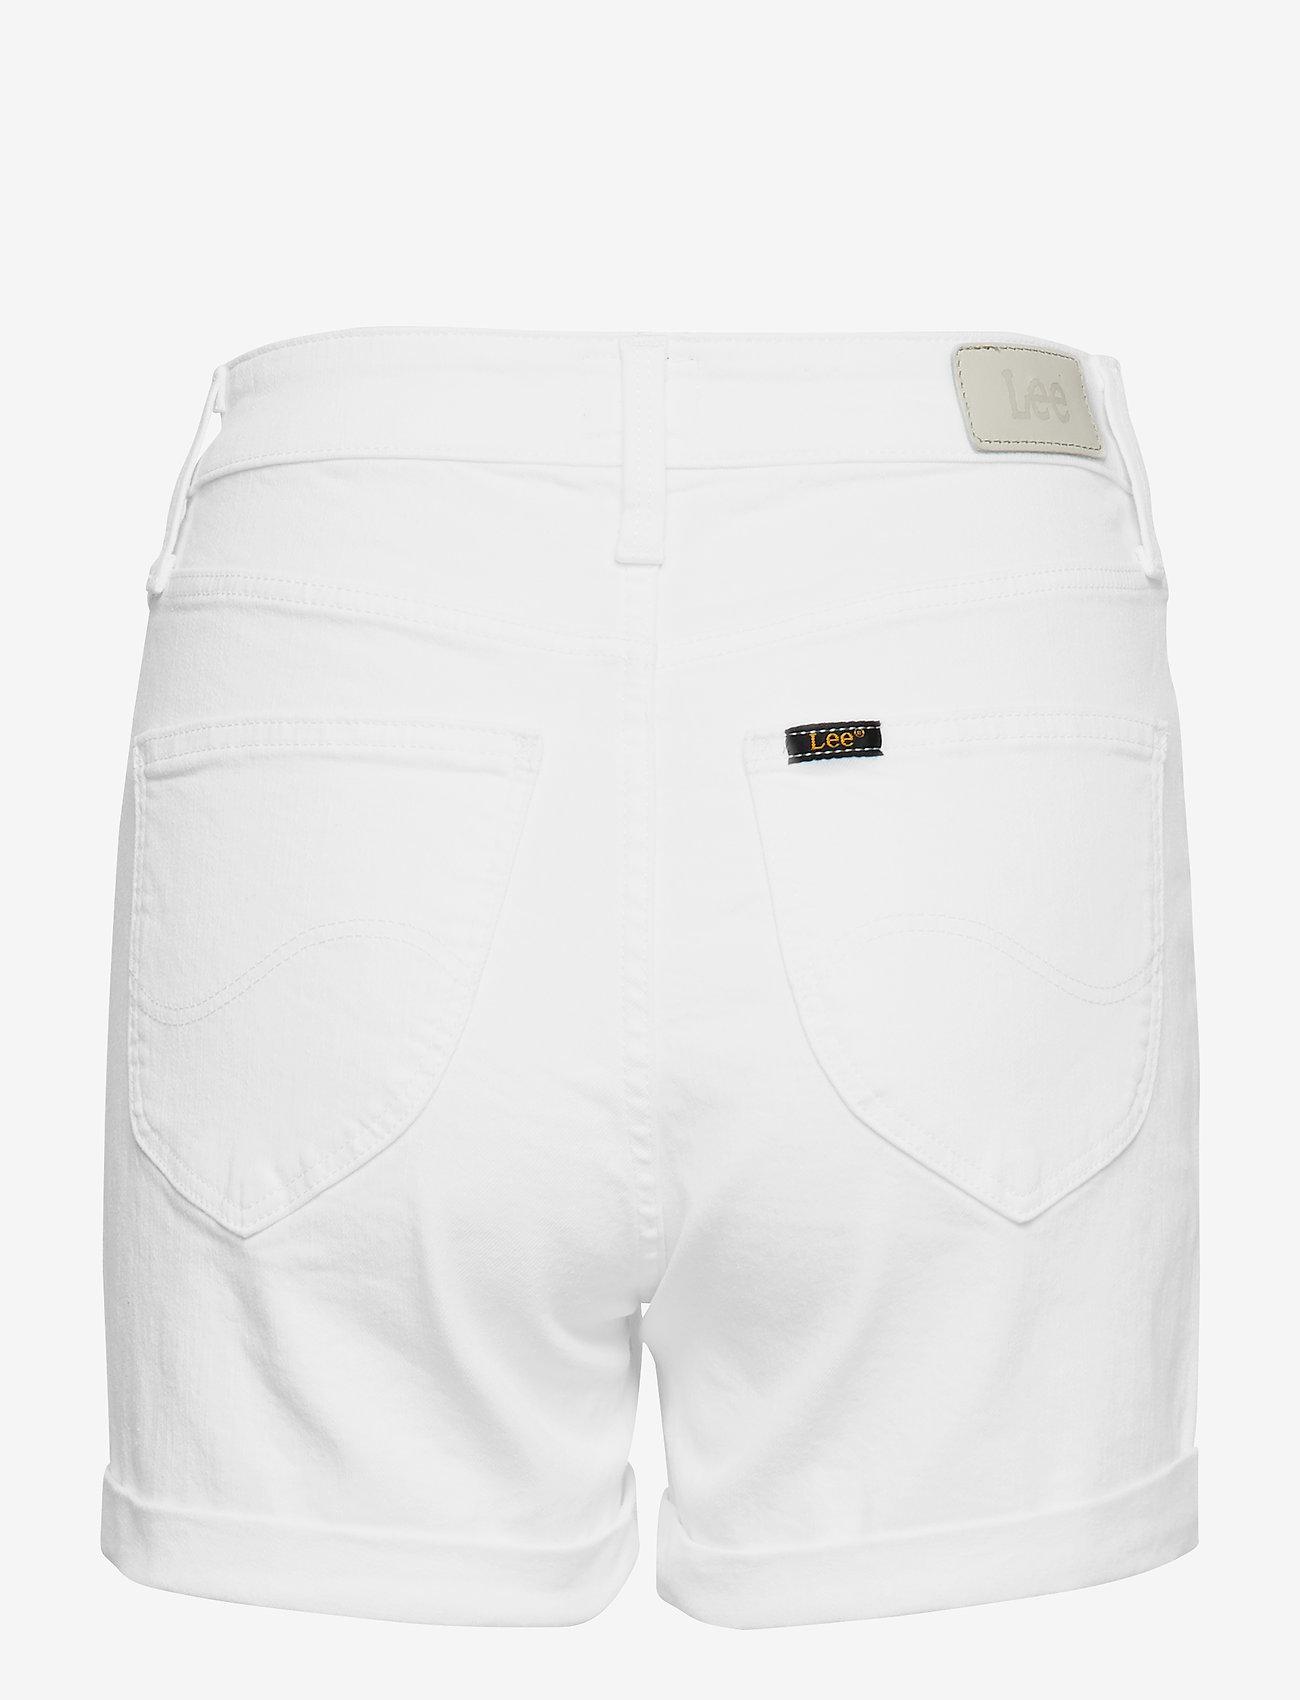 Lee Jeans - MOM SHORT - denimshorts - off white - 1